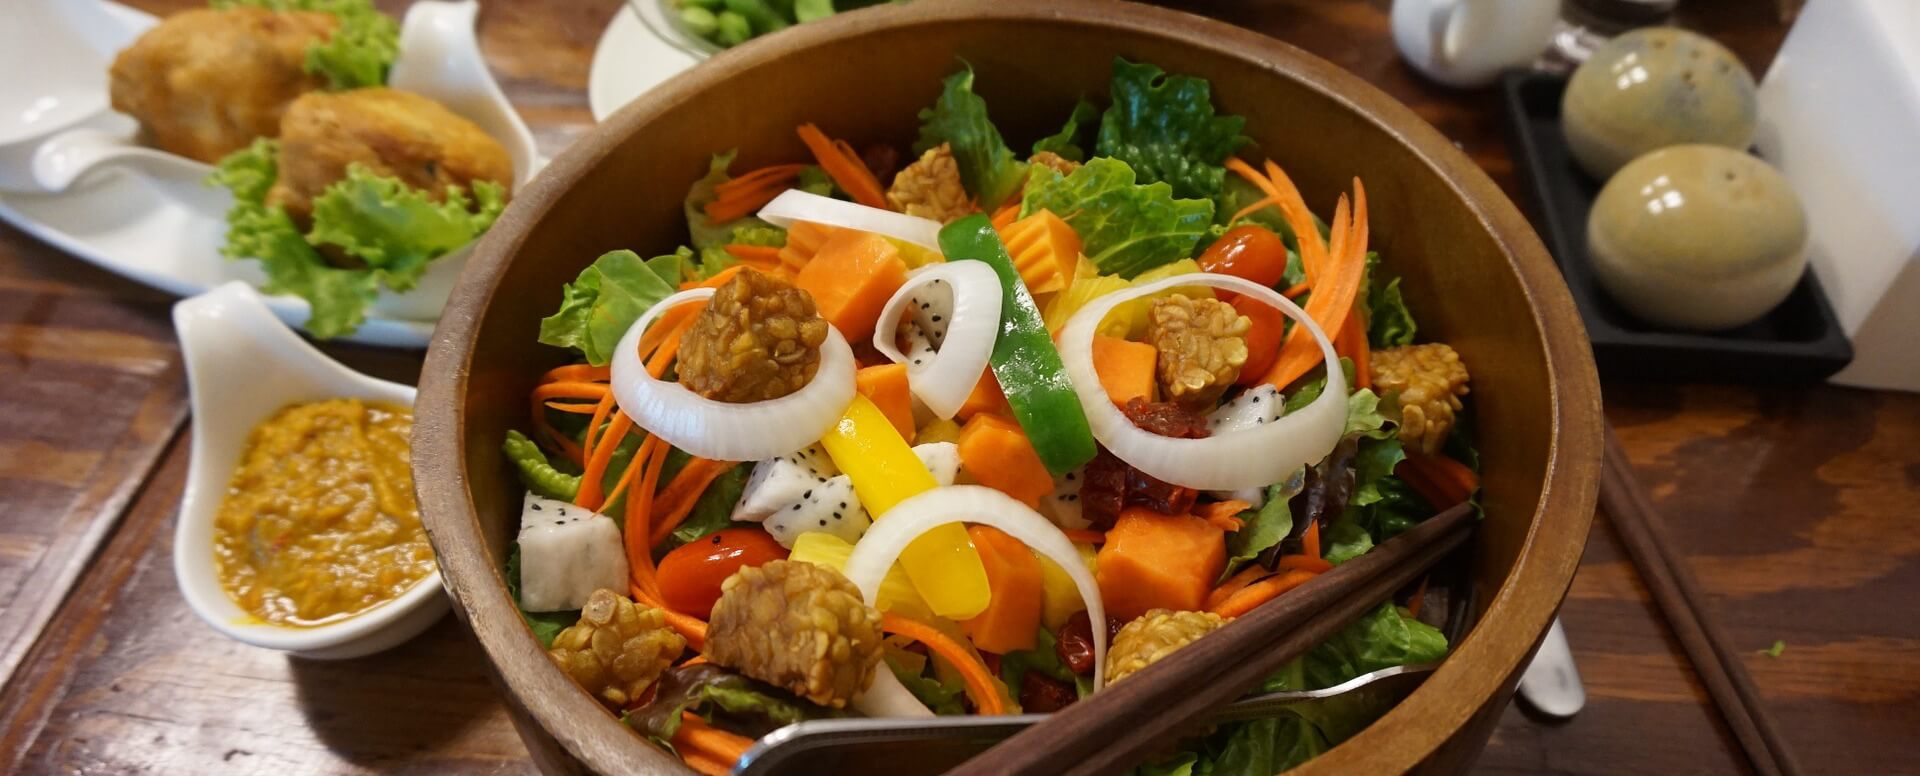 La gastronomie thaïlandaise - Thaïlande